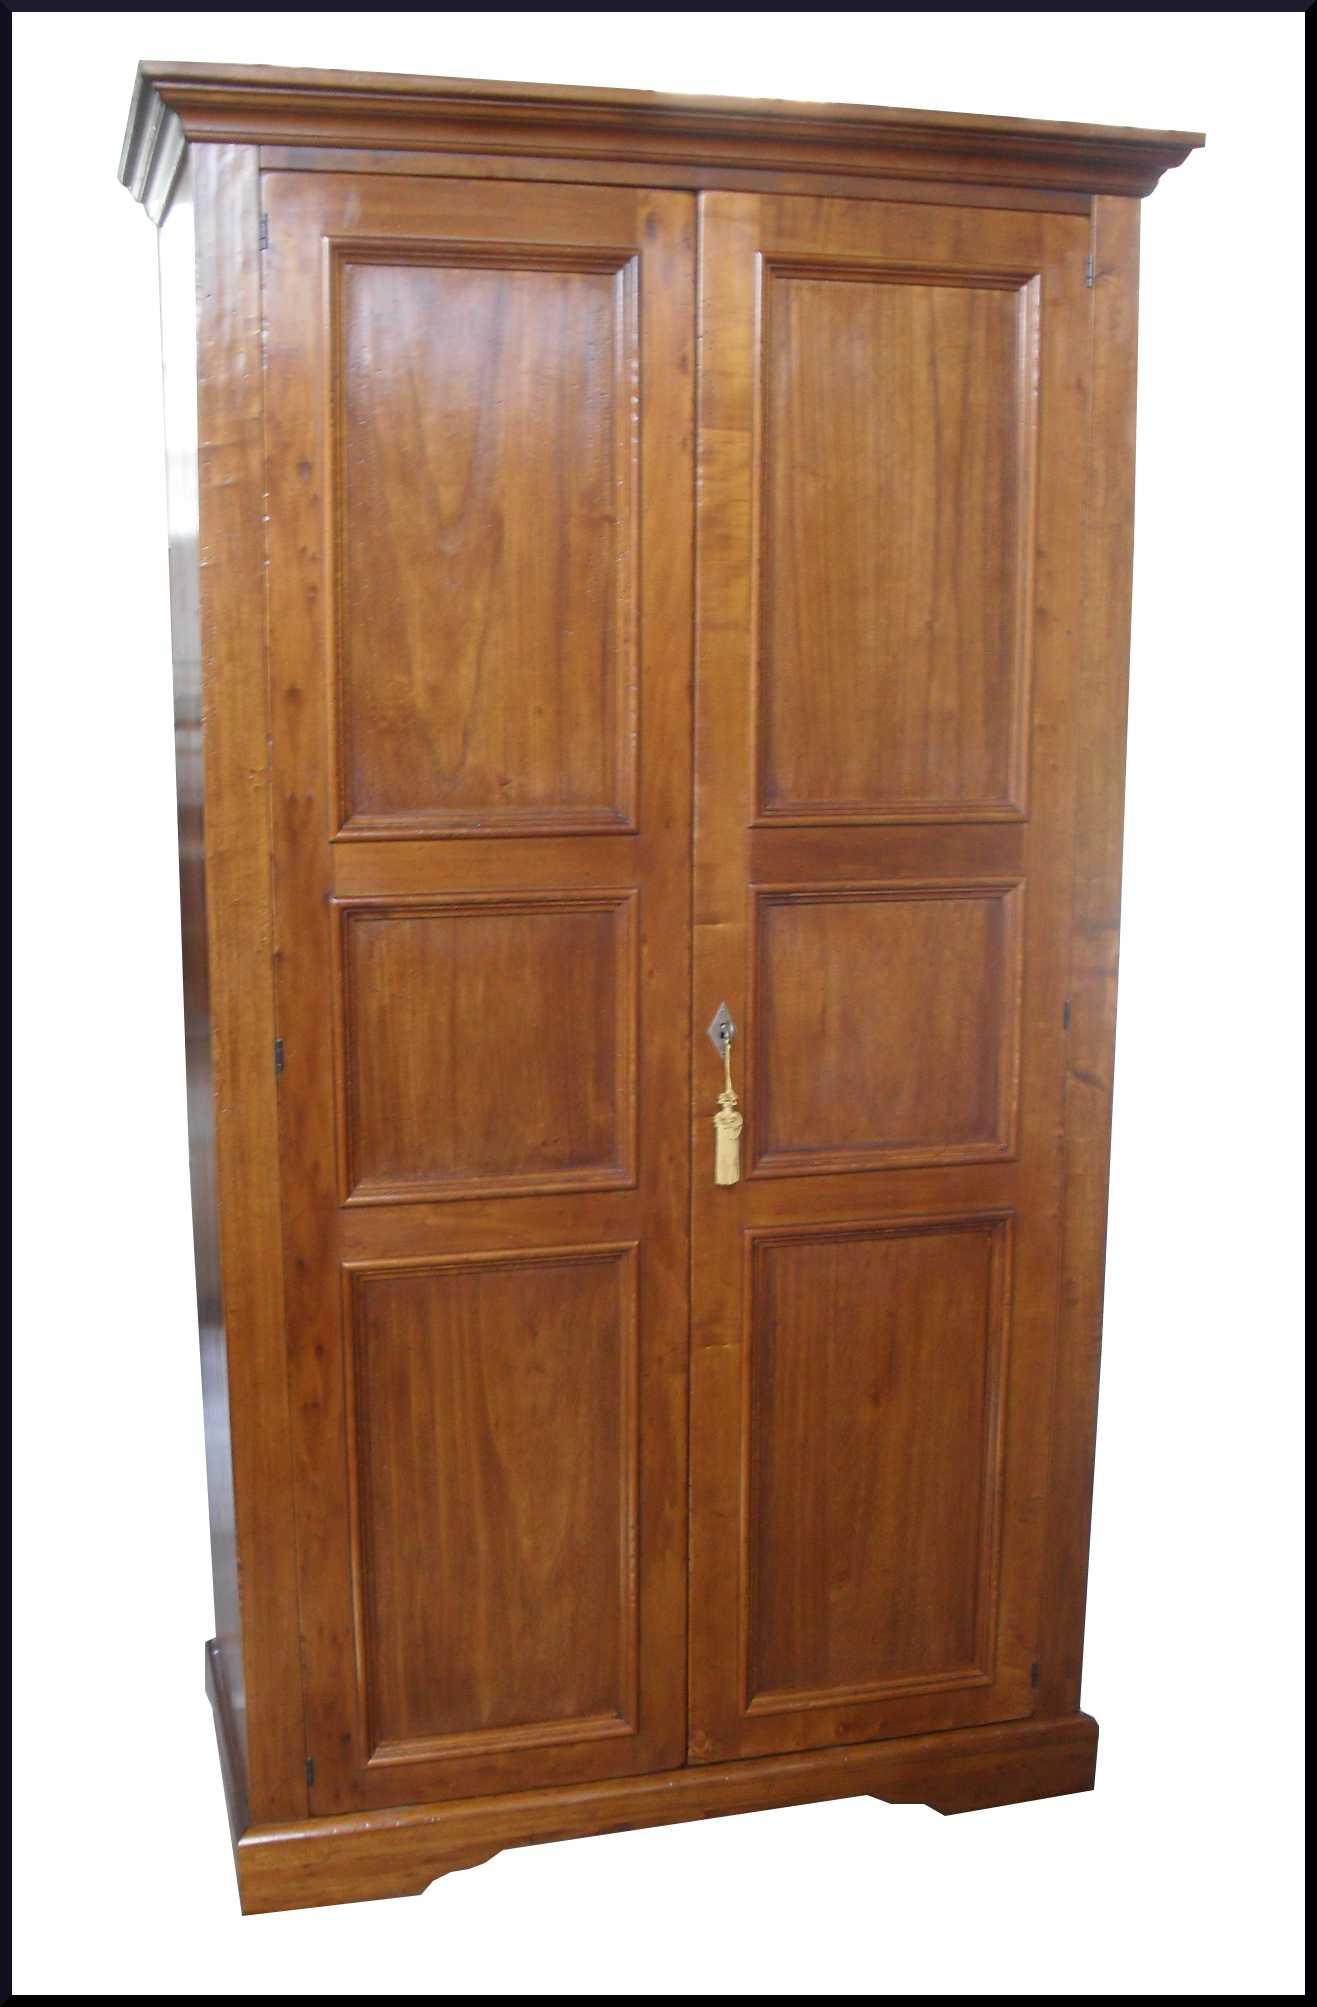 Particolare armadietto 2 porte piallato a vecchio stile 600 toscano la commode di davide corno - Mobili stile toscano ...